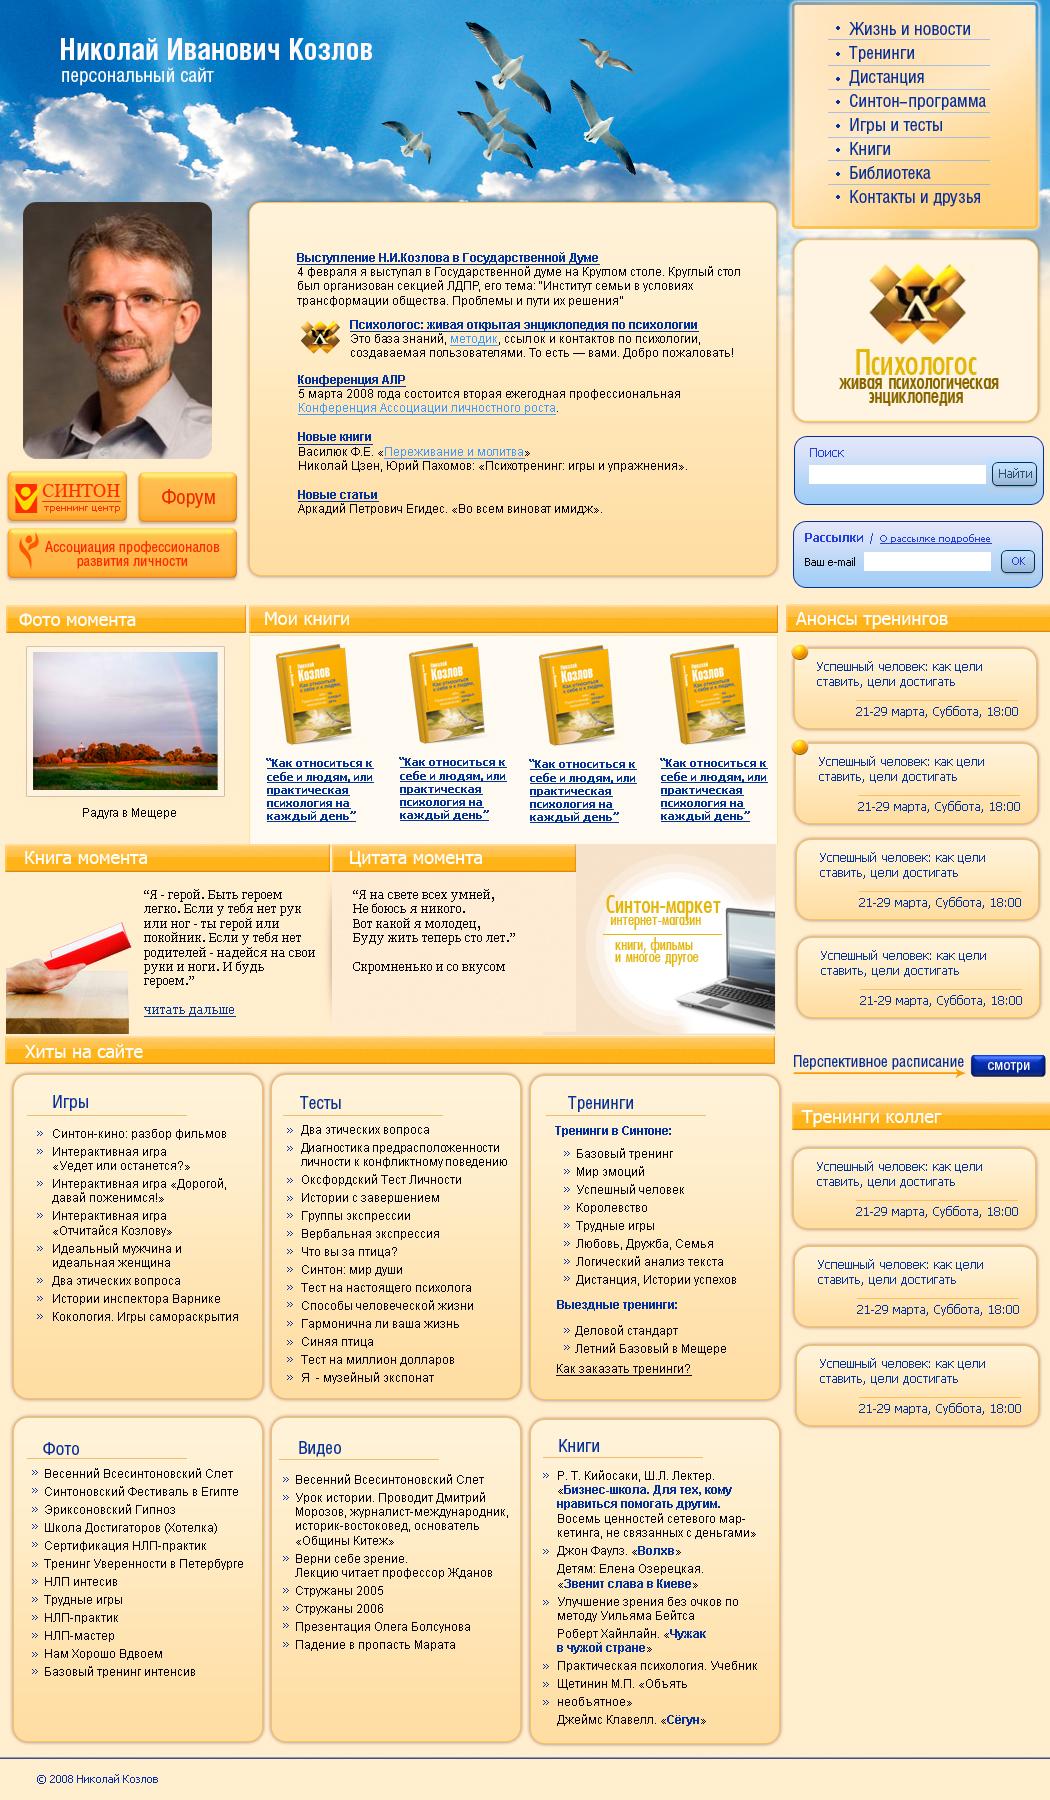 Сайт Н.И. Козлова